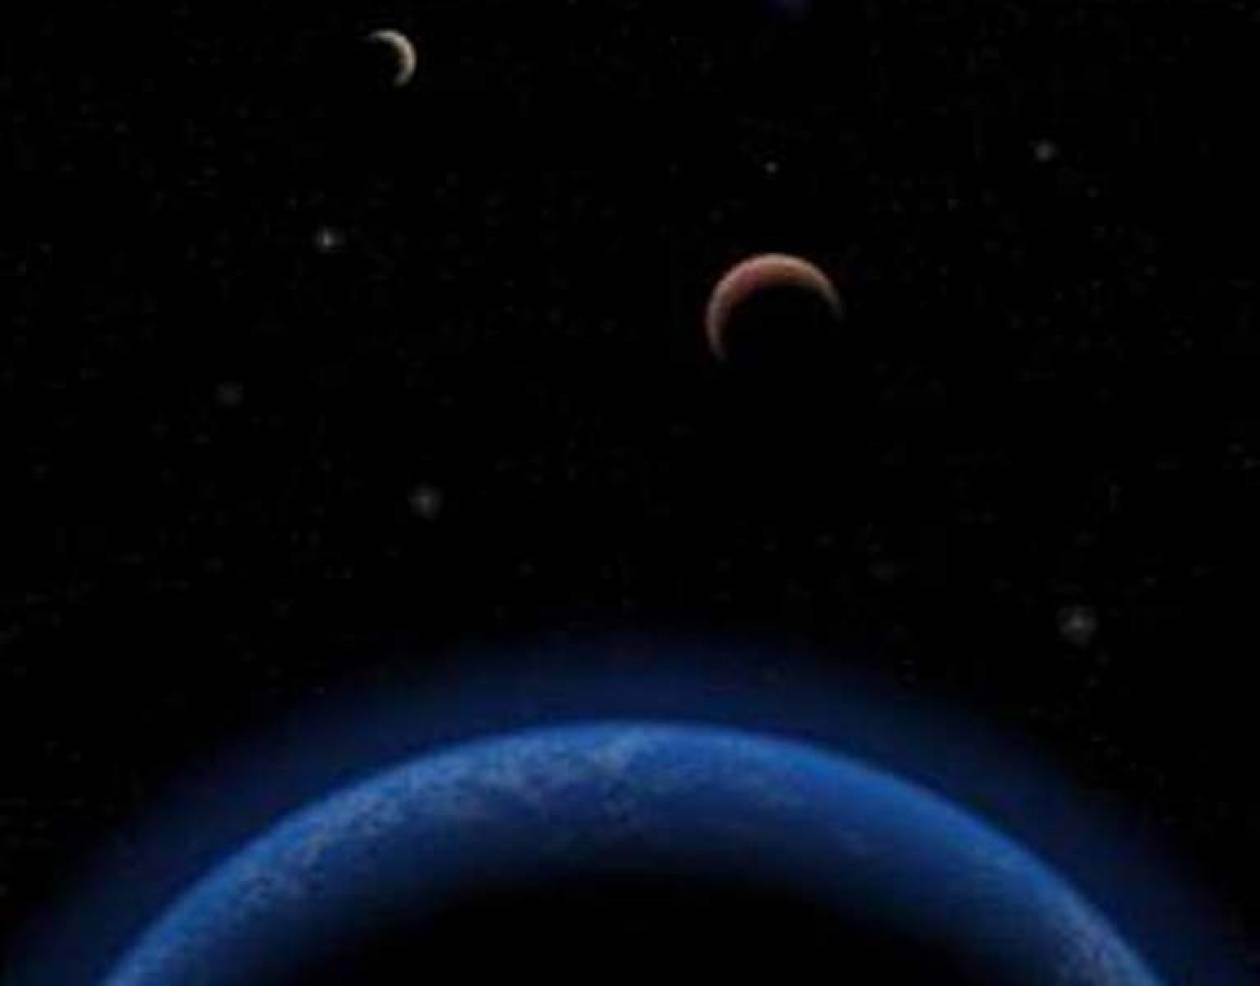 Ανακάλυψαν πλανήτη που μοιάζει με τη Γη